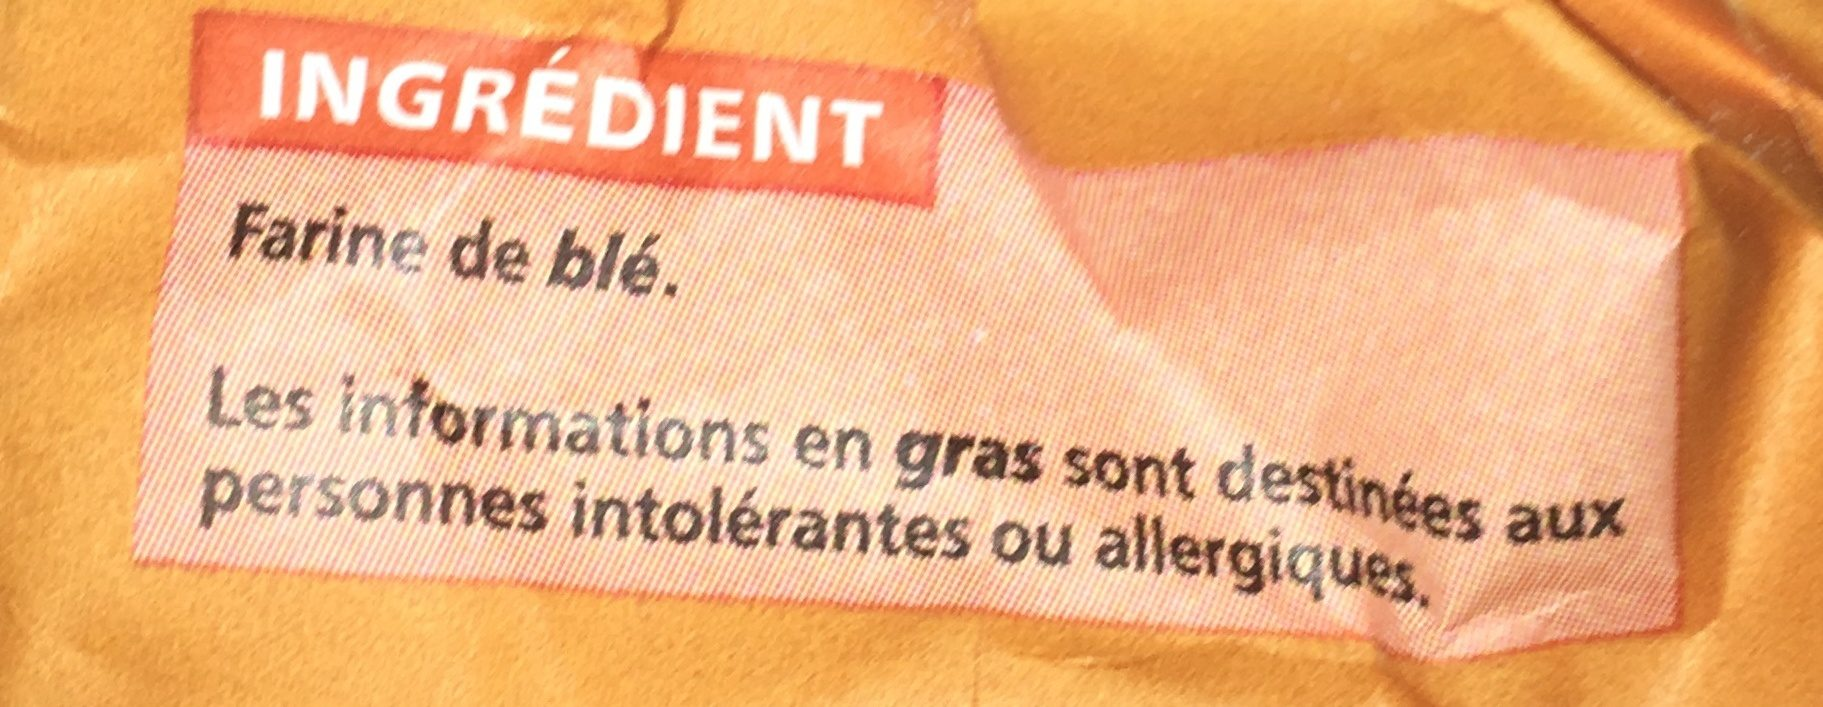 Farine de blé - Ingrédients - fr